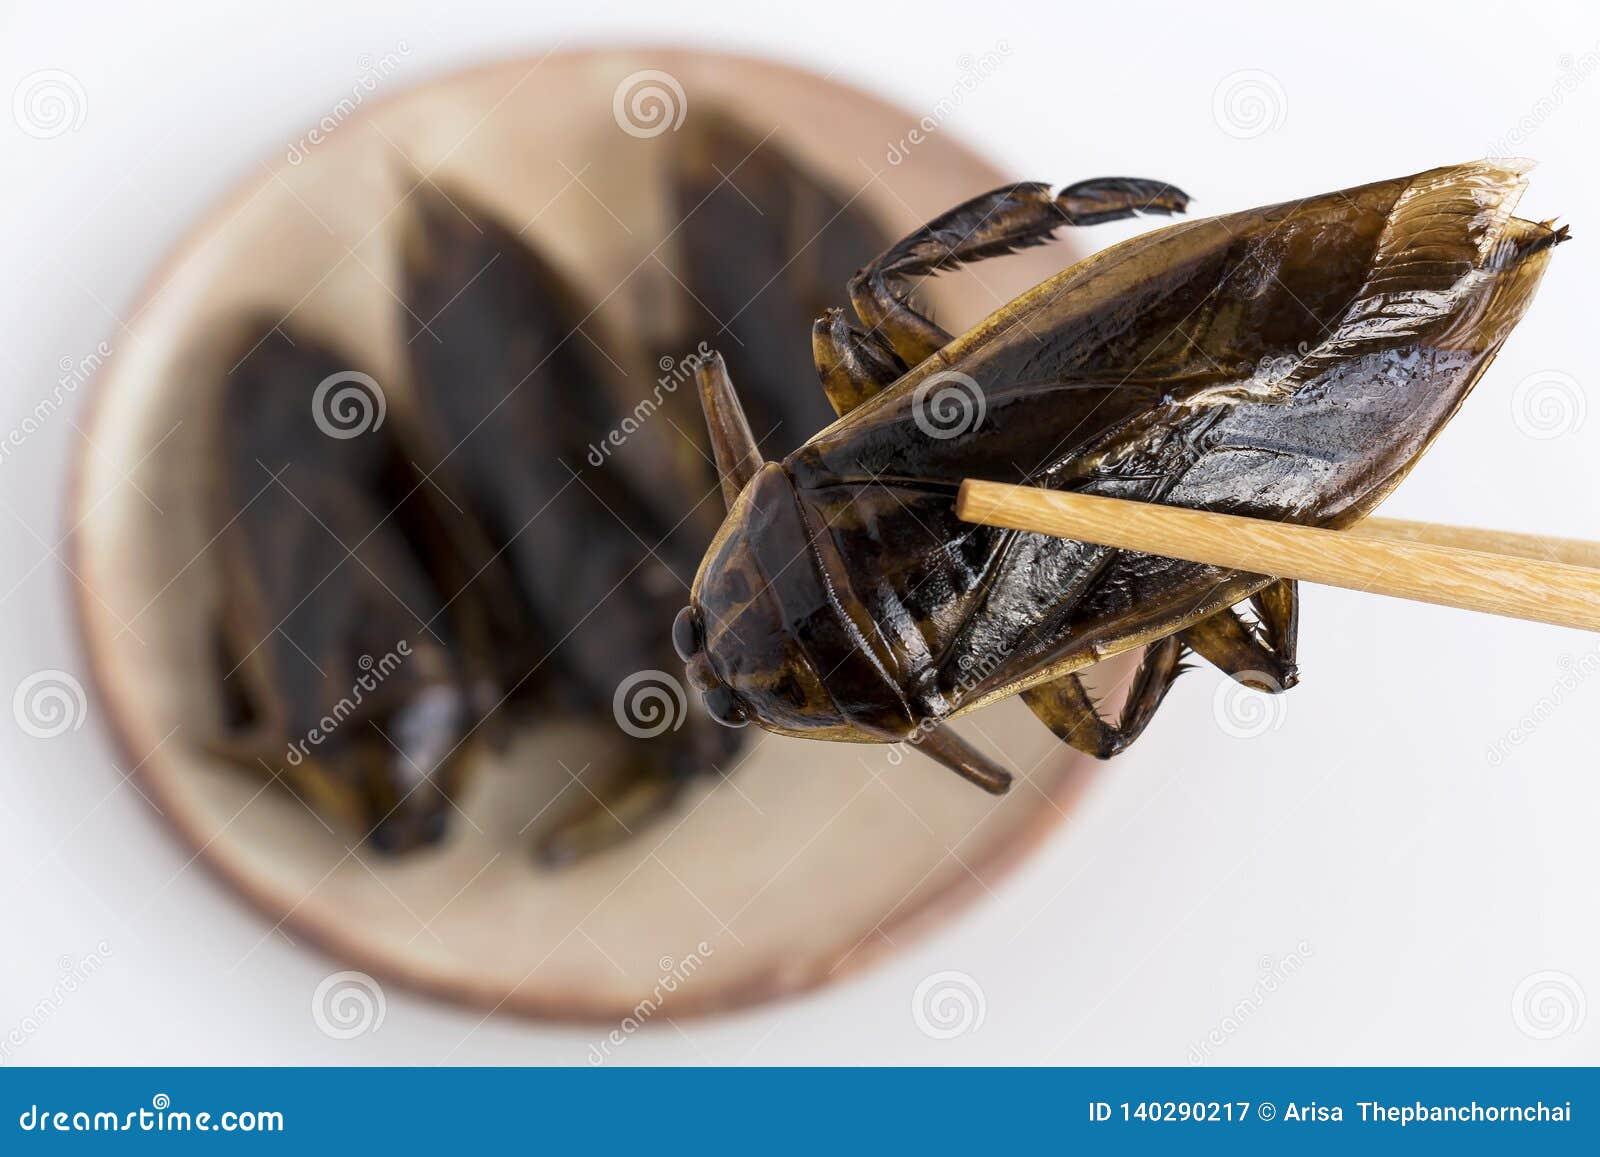 El insecto de agua gigante es insecto comestible para comer como bocado curruscante frito los insectos de la comida en la placa y